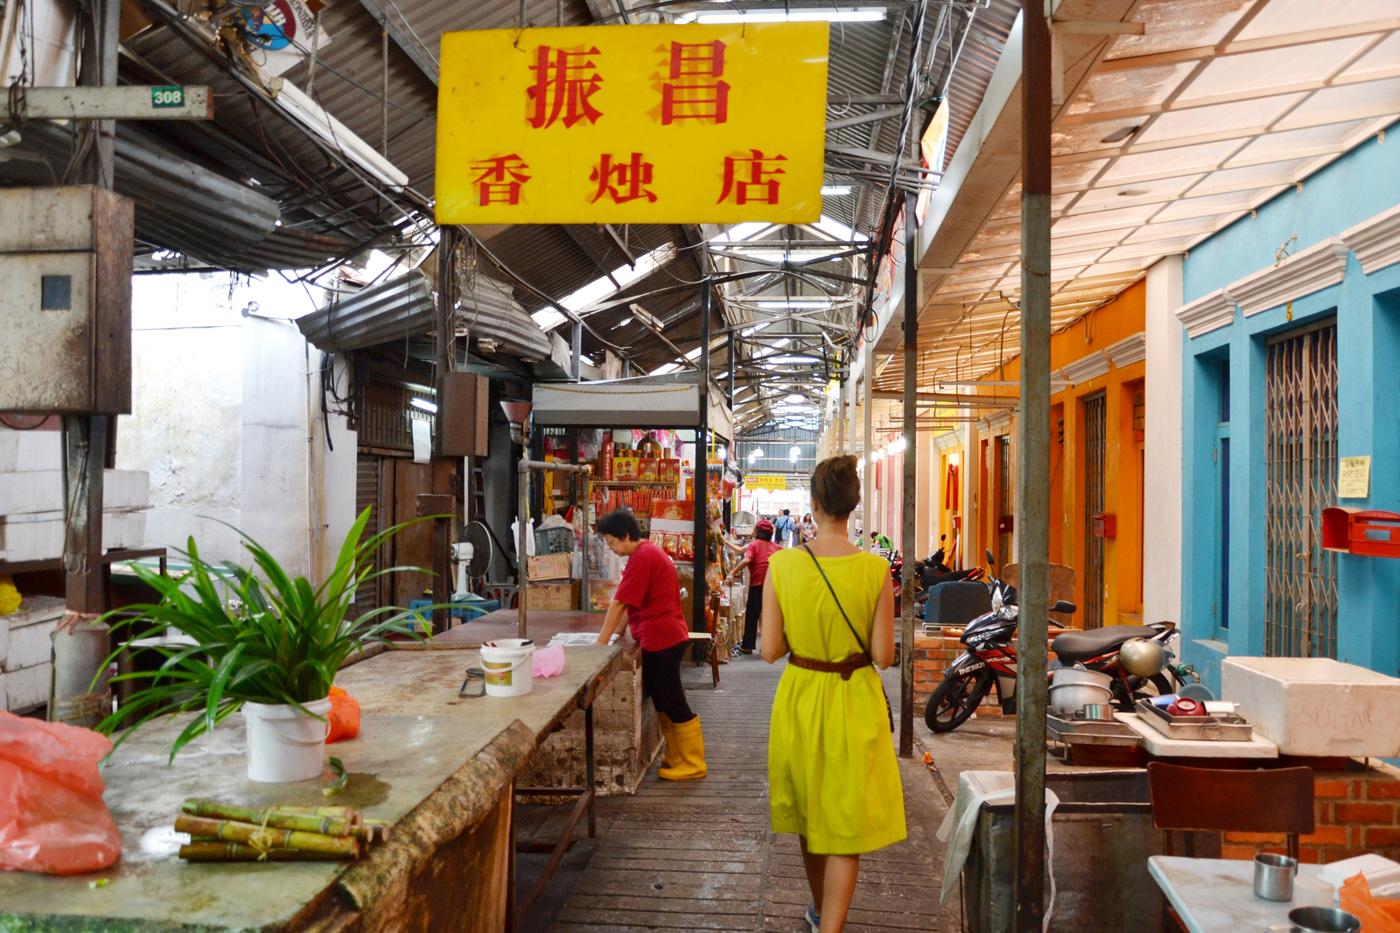 What-to-do-in-Kuala-Lumpur-chinatown-gucki-market-2